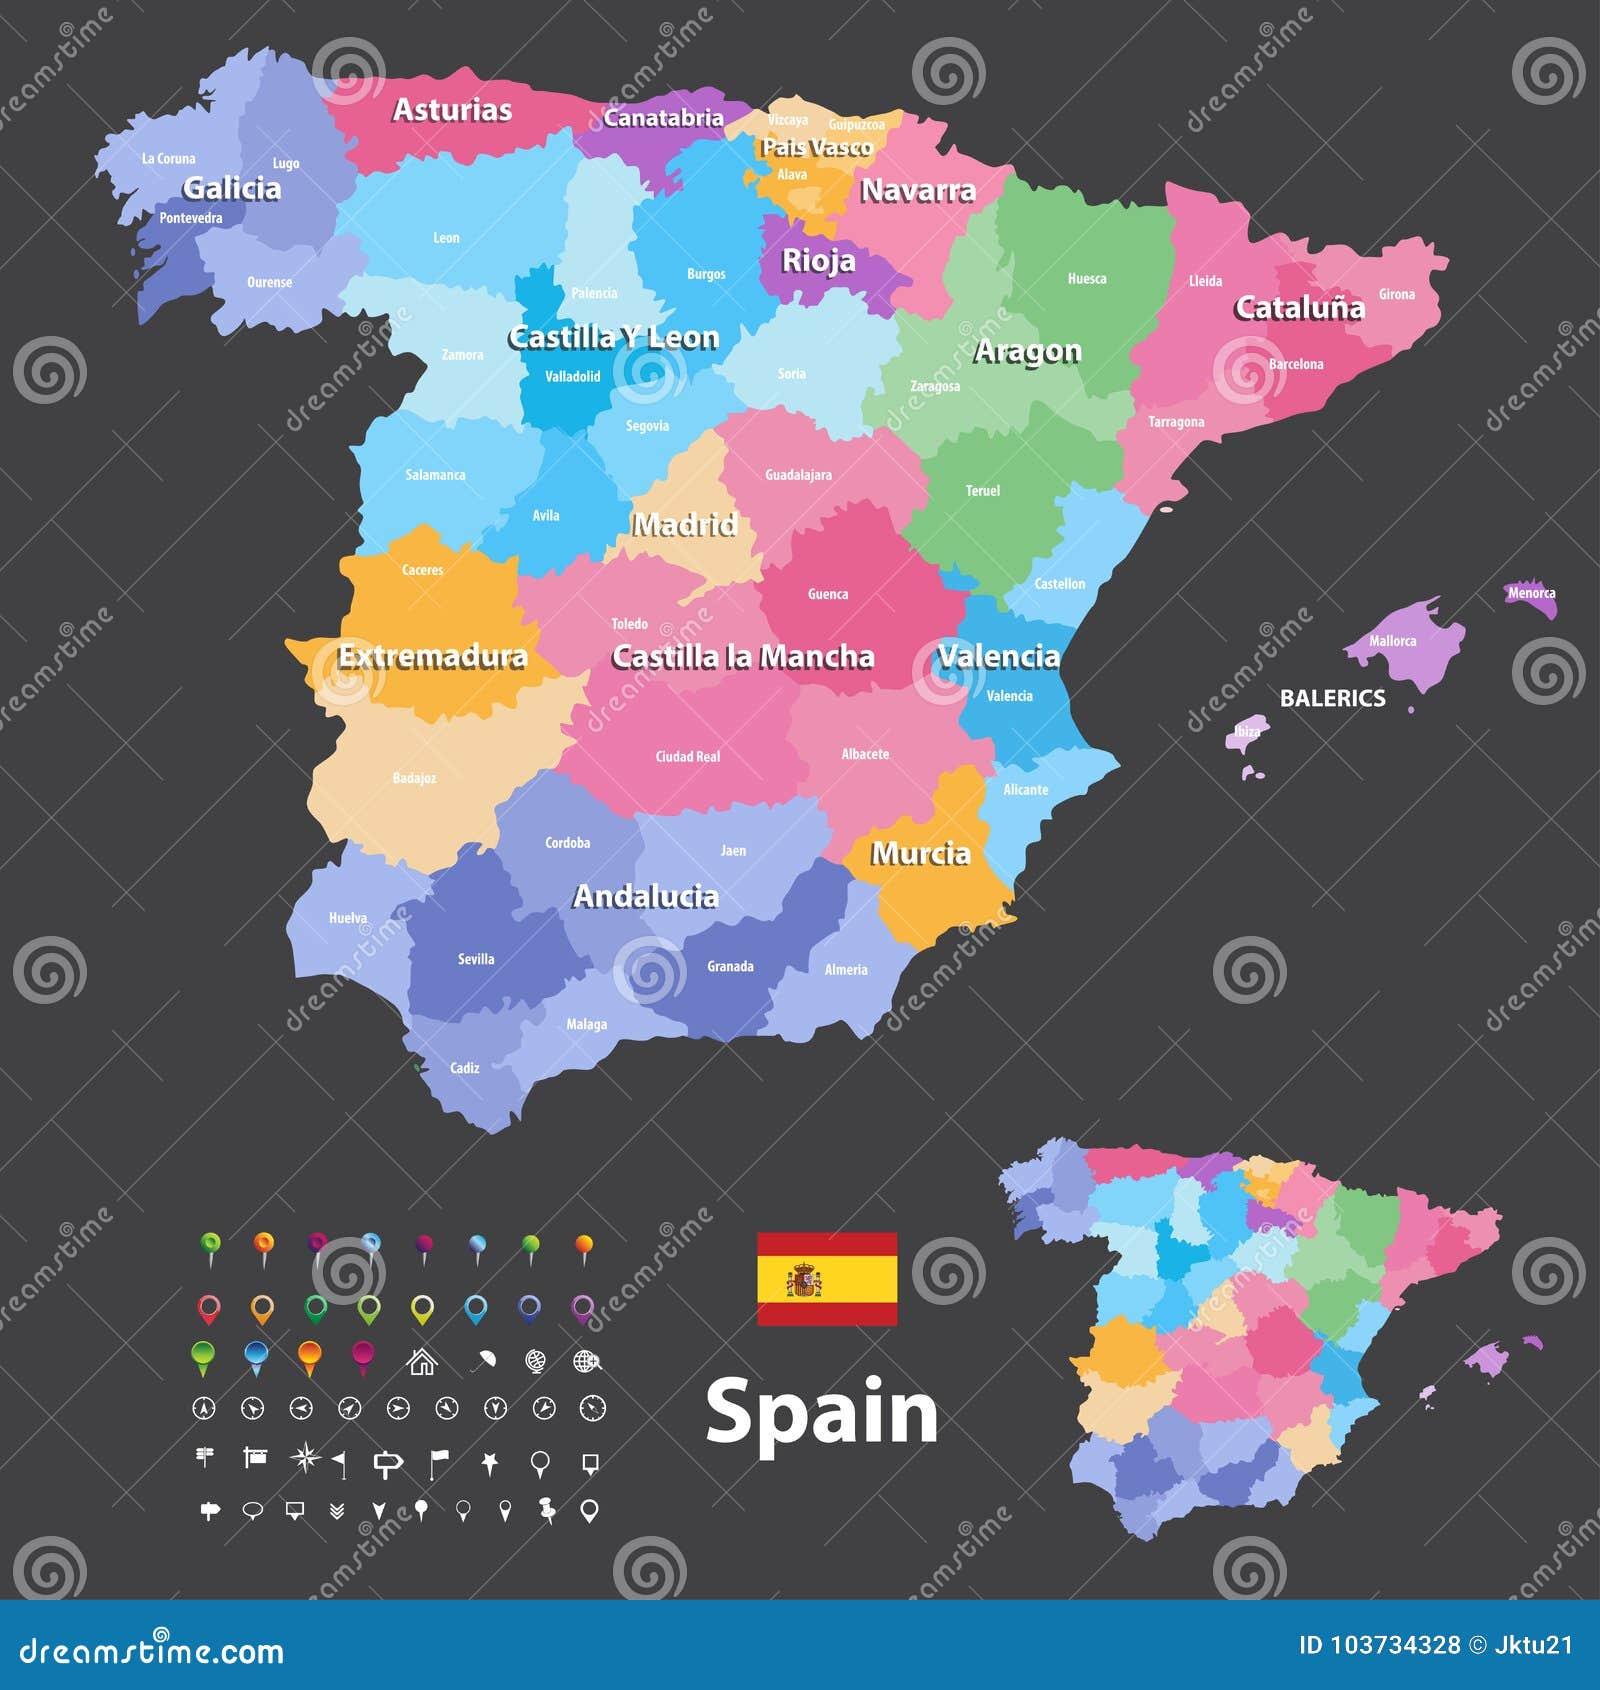 Autonome Regionen Spanien Karte.Autonome Gemeinschaften Und Provinzen Vector Karte Von